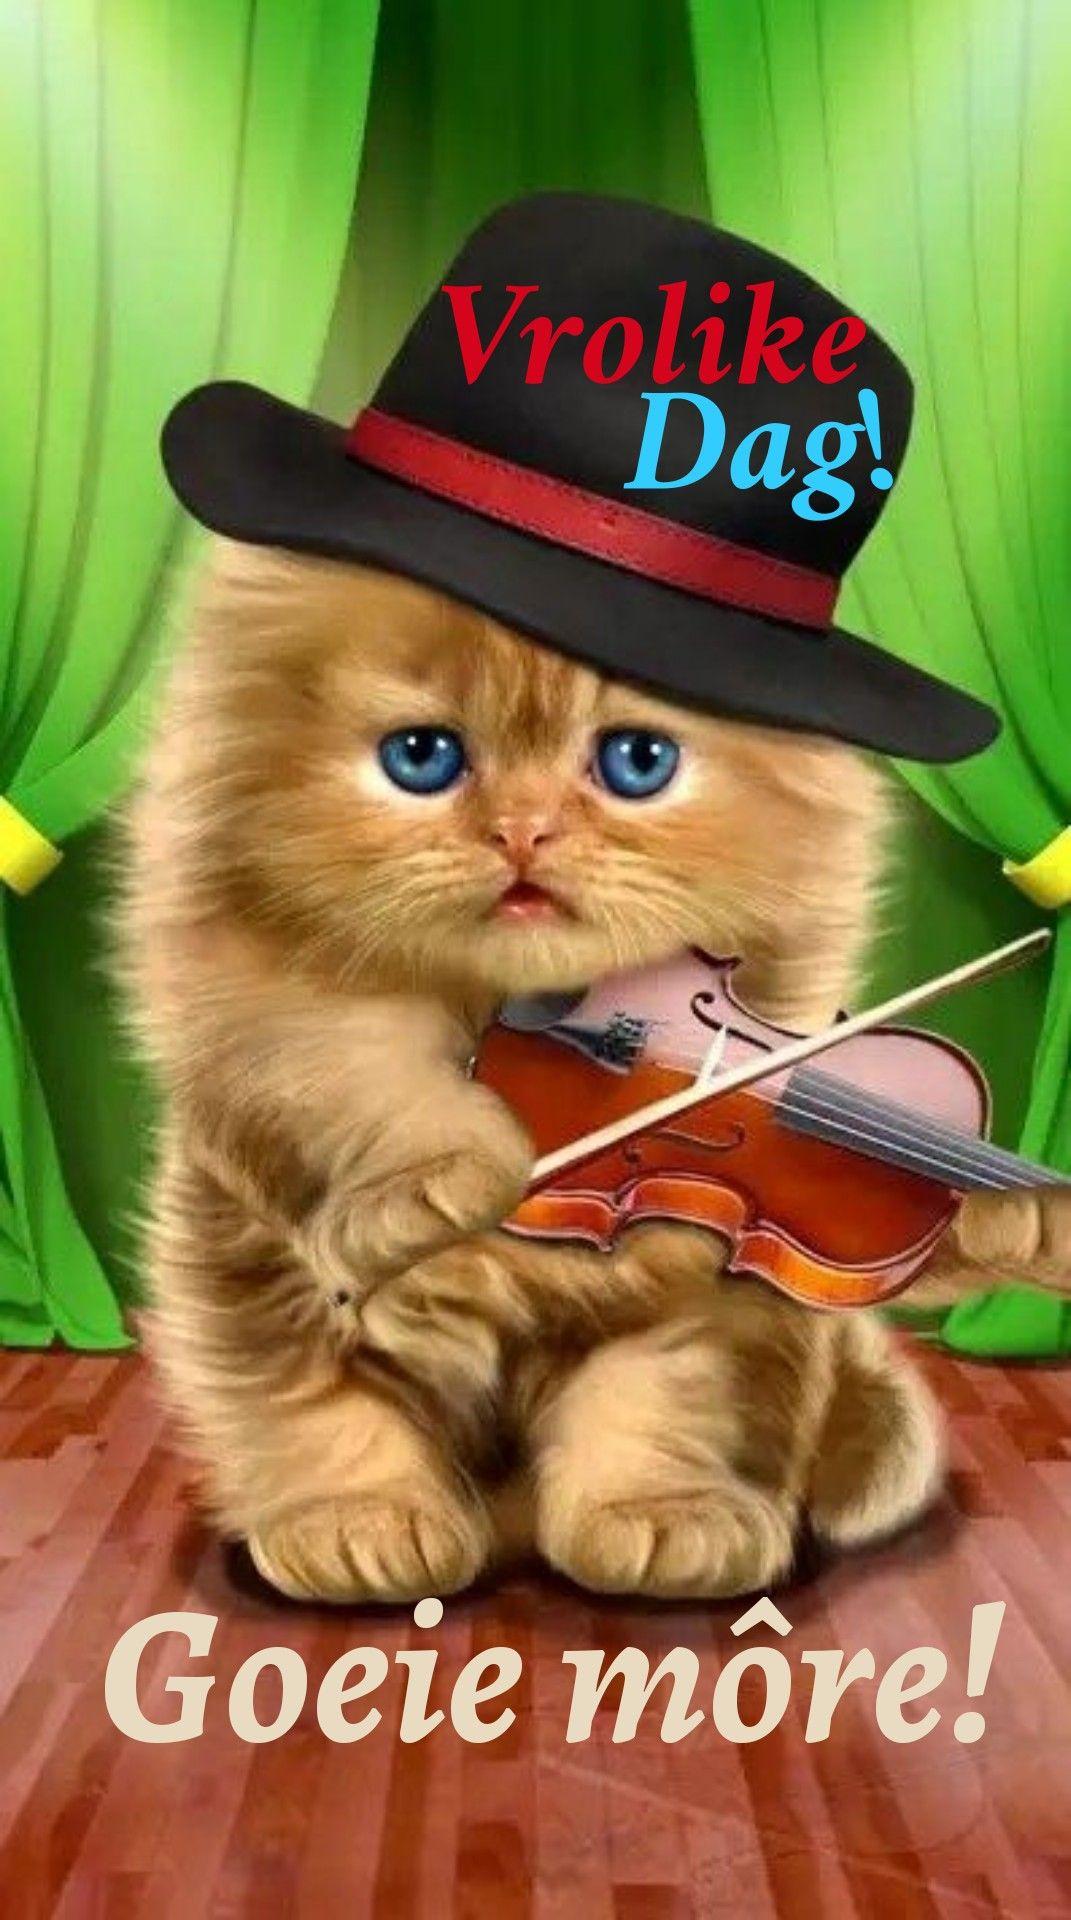 Pin van Lizette Pretorius op Goeie môre Schattige katten